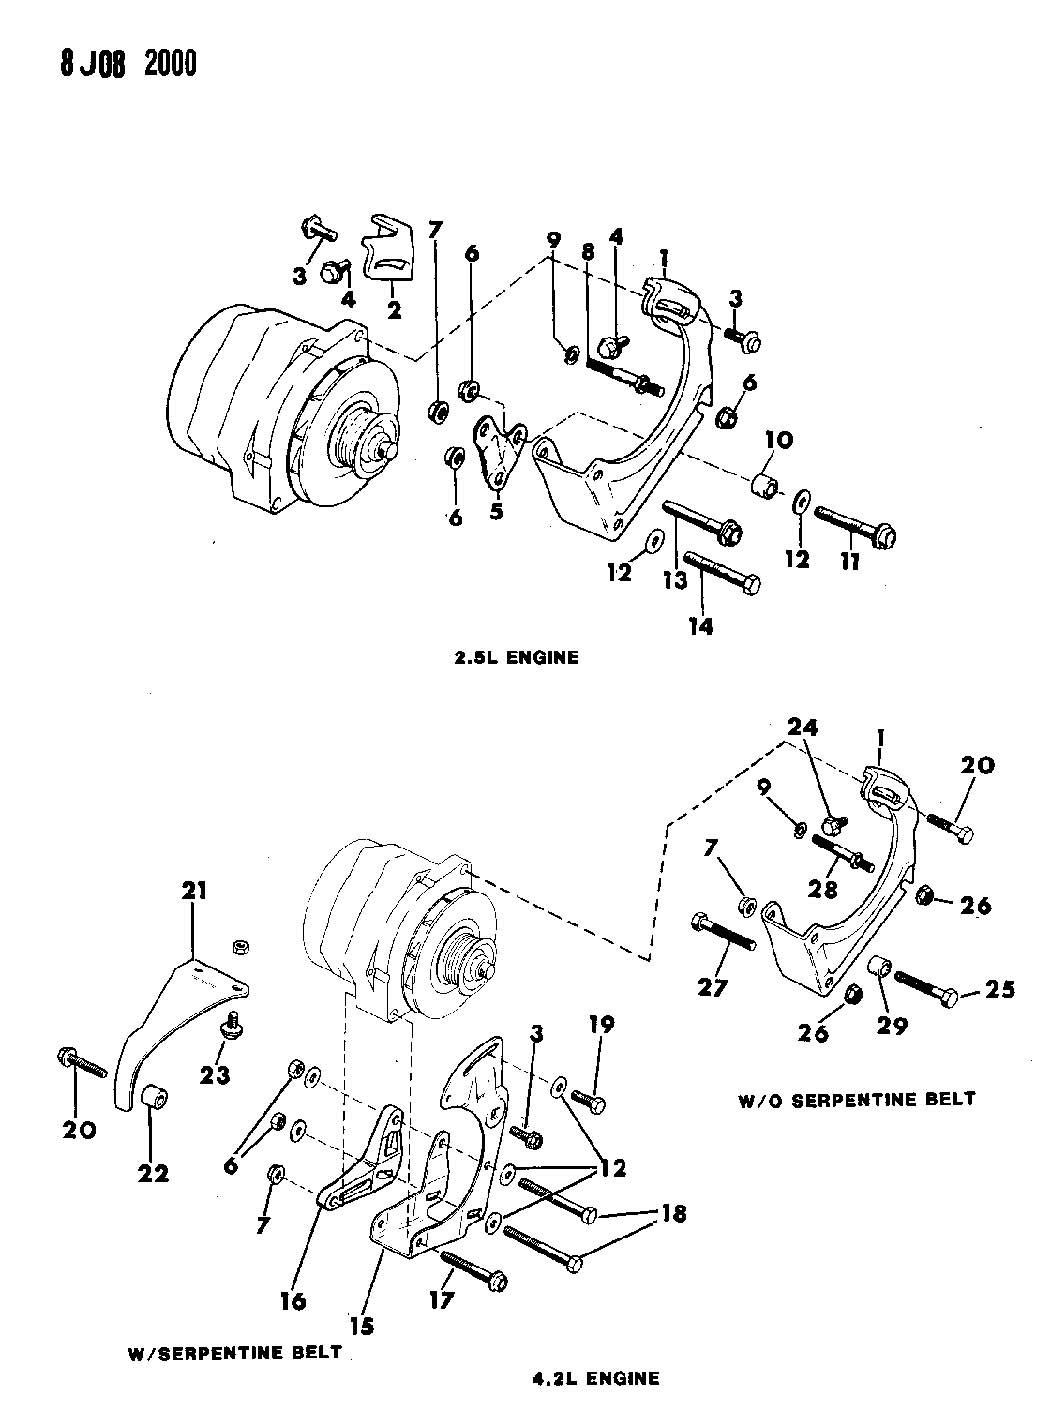 [XOTG_4463]  CO_8723] 87 Wrangler Alternator Wiring Diagram Together With Jeep Cj7 Fuel  Line Download Diagram | 1983 Jeep Wagoneer Alternator Wiring Diagram |  | Animo Ostr Inama Sapre Dupl Adit Trons Mohammedshrine Librar Wiring 101